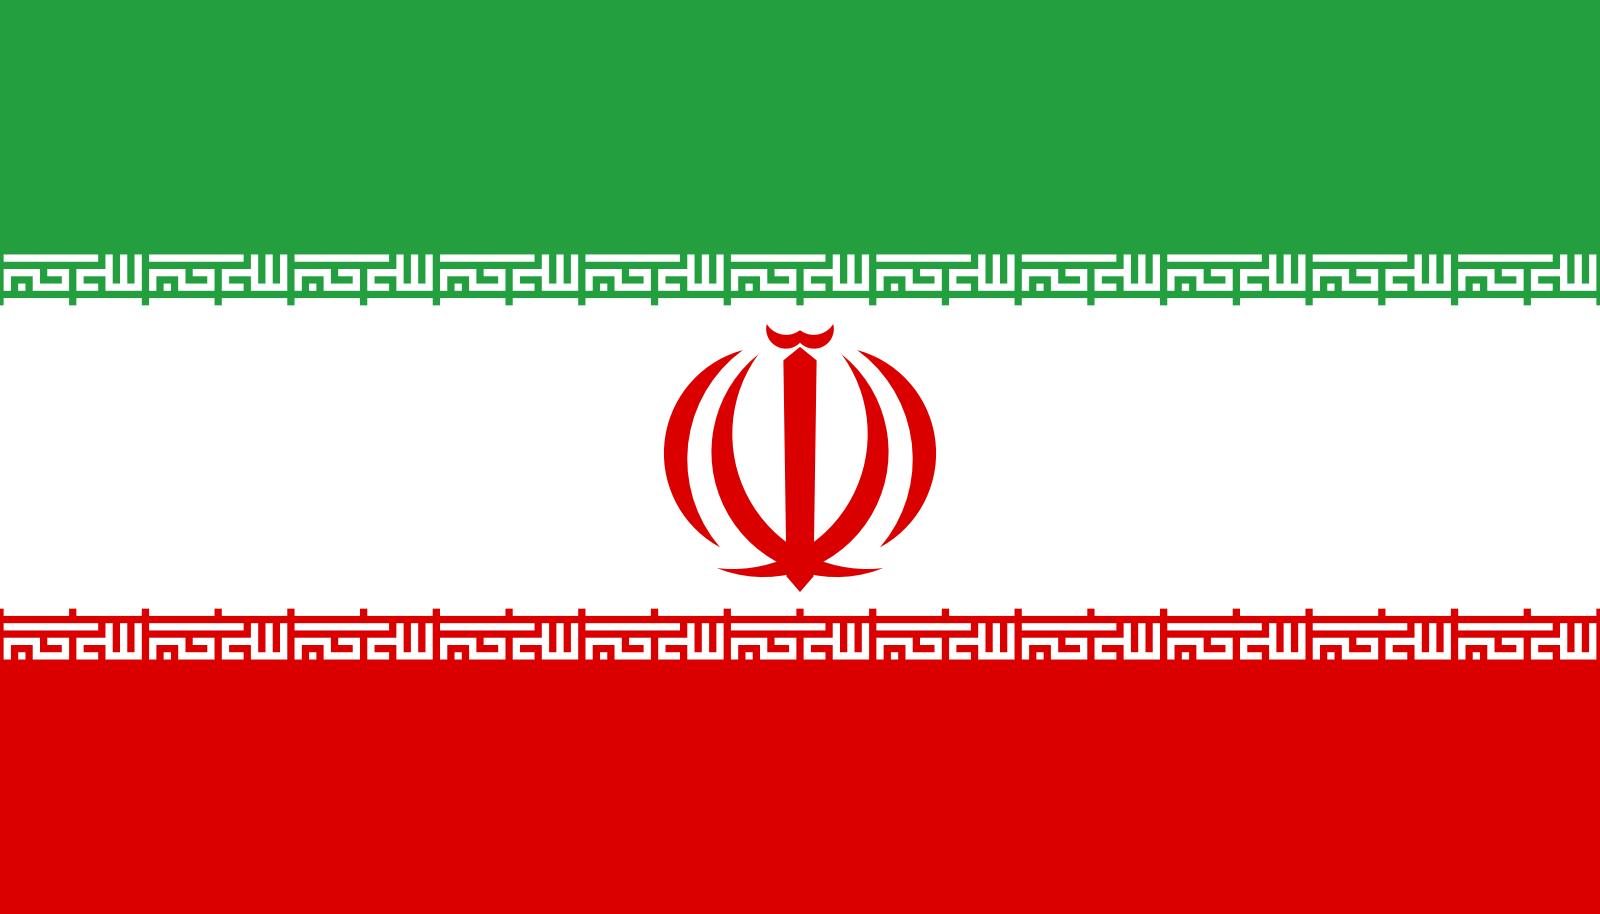 imagenes de banderas hd123 200 Imágenes de Banderas en HD (Wallpapers)